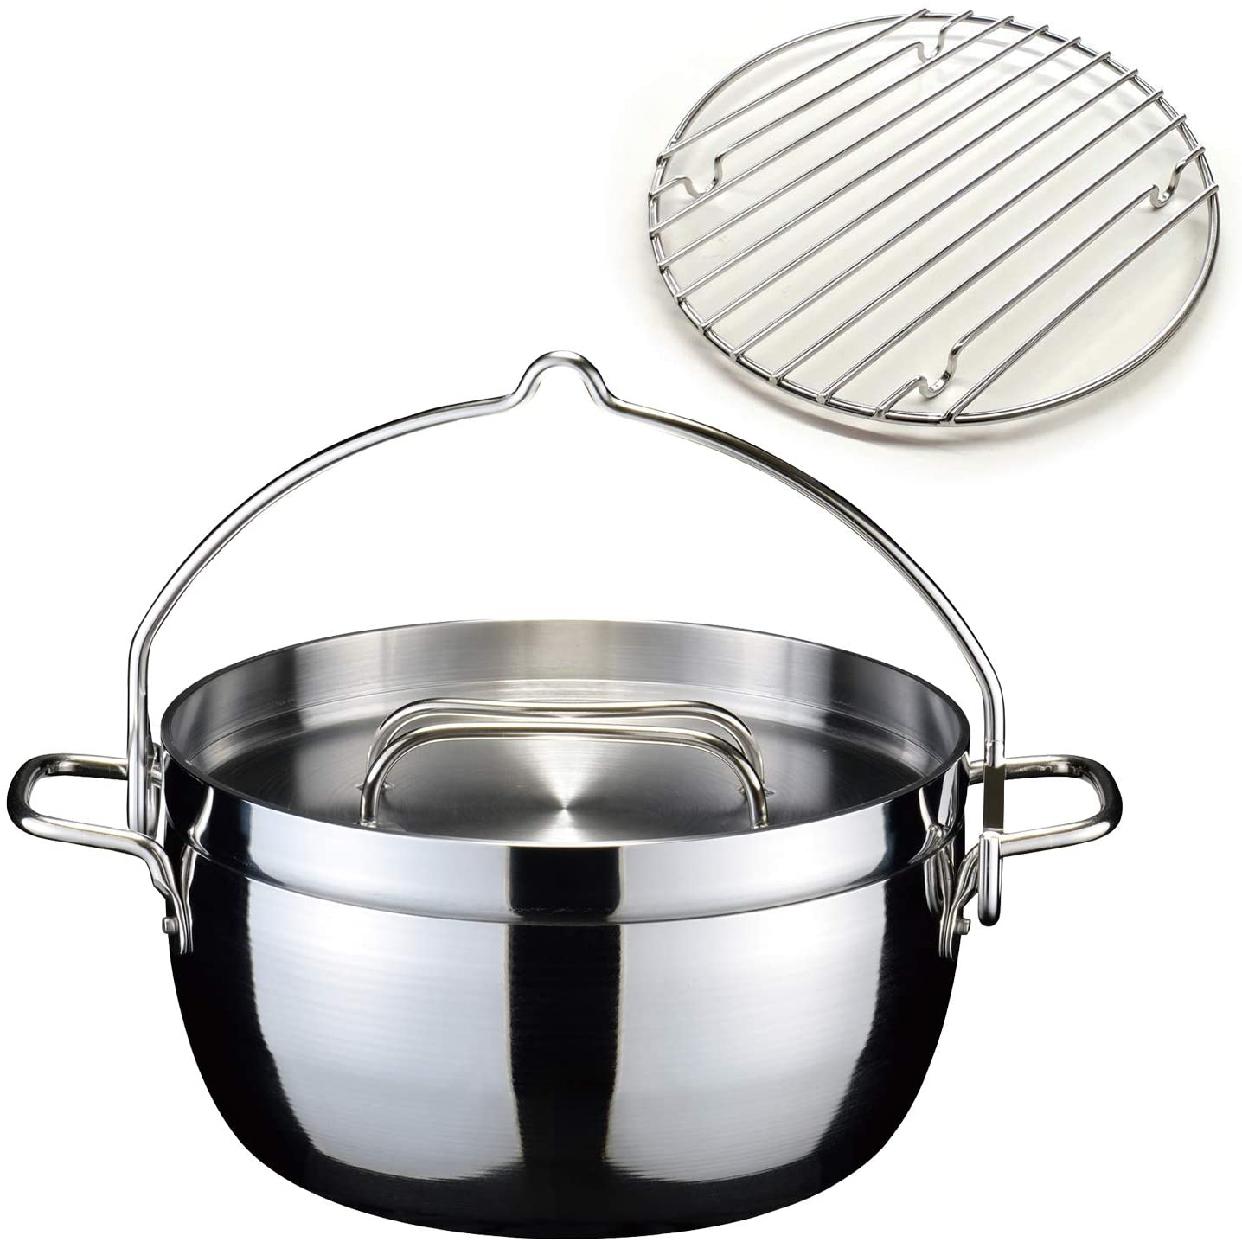 TSBBQ(ツバメサンギョウバーベキュー)ライトステンレス ダッチオーブン10 ステンレスTSBBQ-005の商品画像